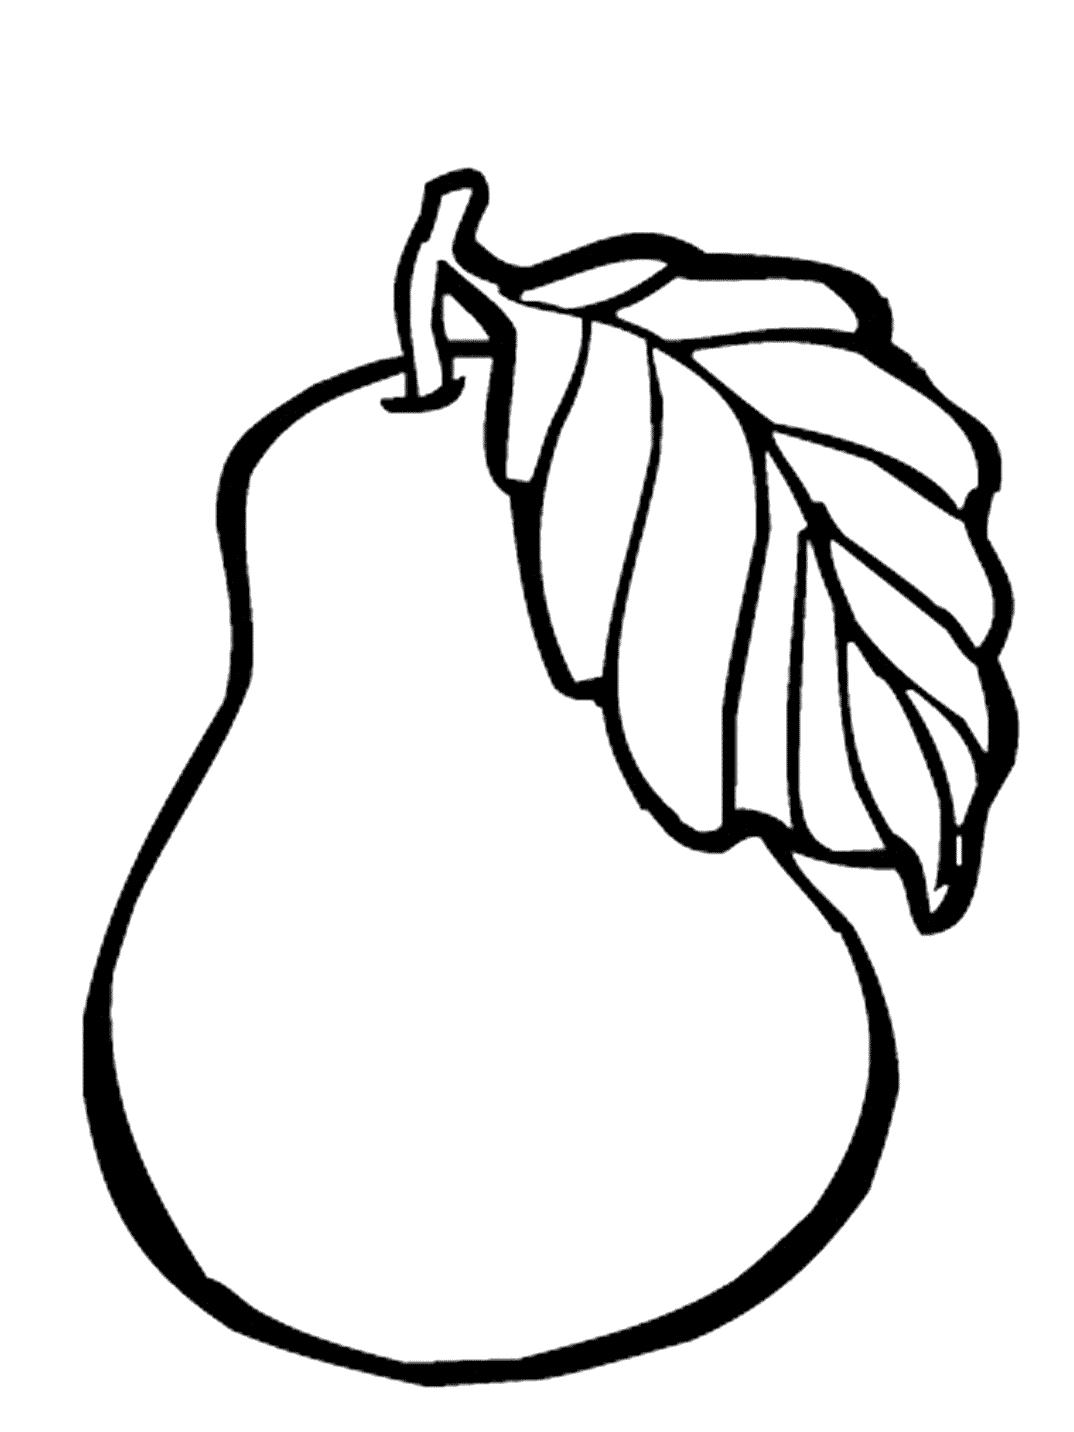 Раскраска груша. раскраска раскраска груша скачать, раскраски фрукты распечатать